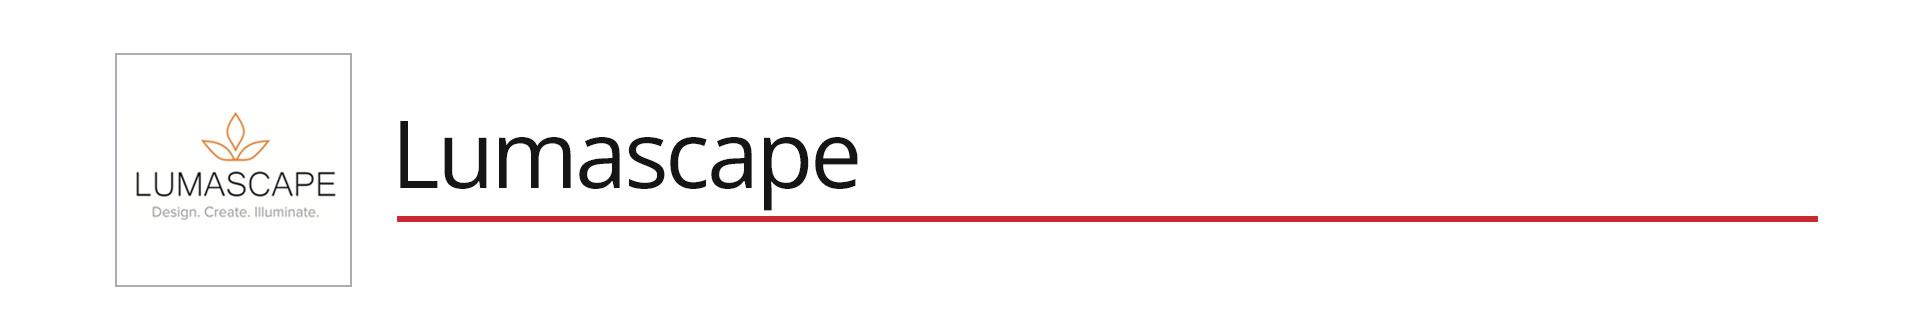 Lumascape_CADBlock-Header.jpg